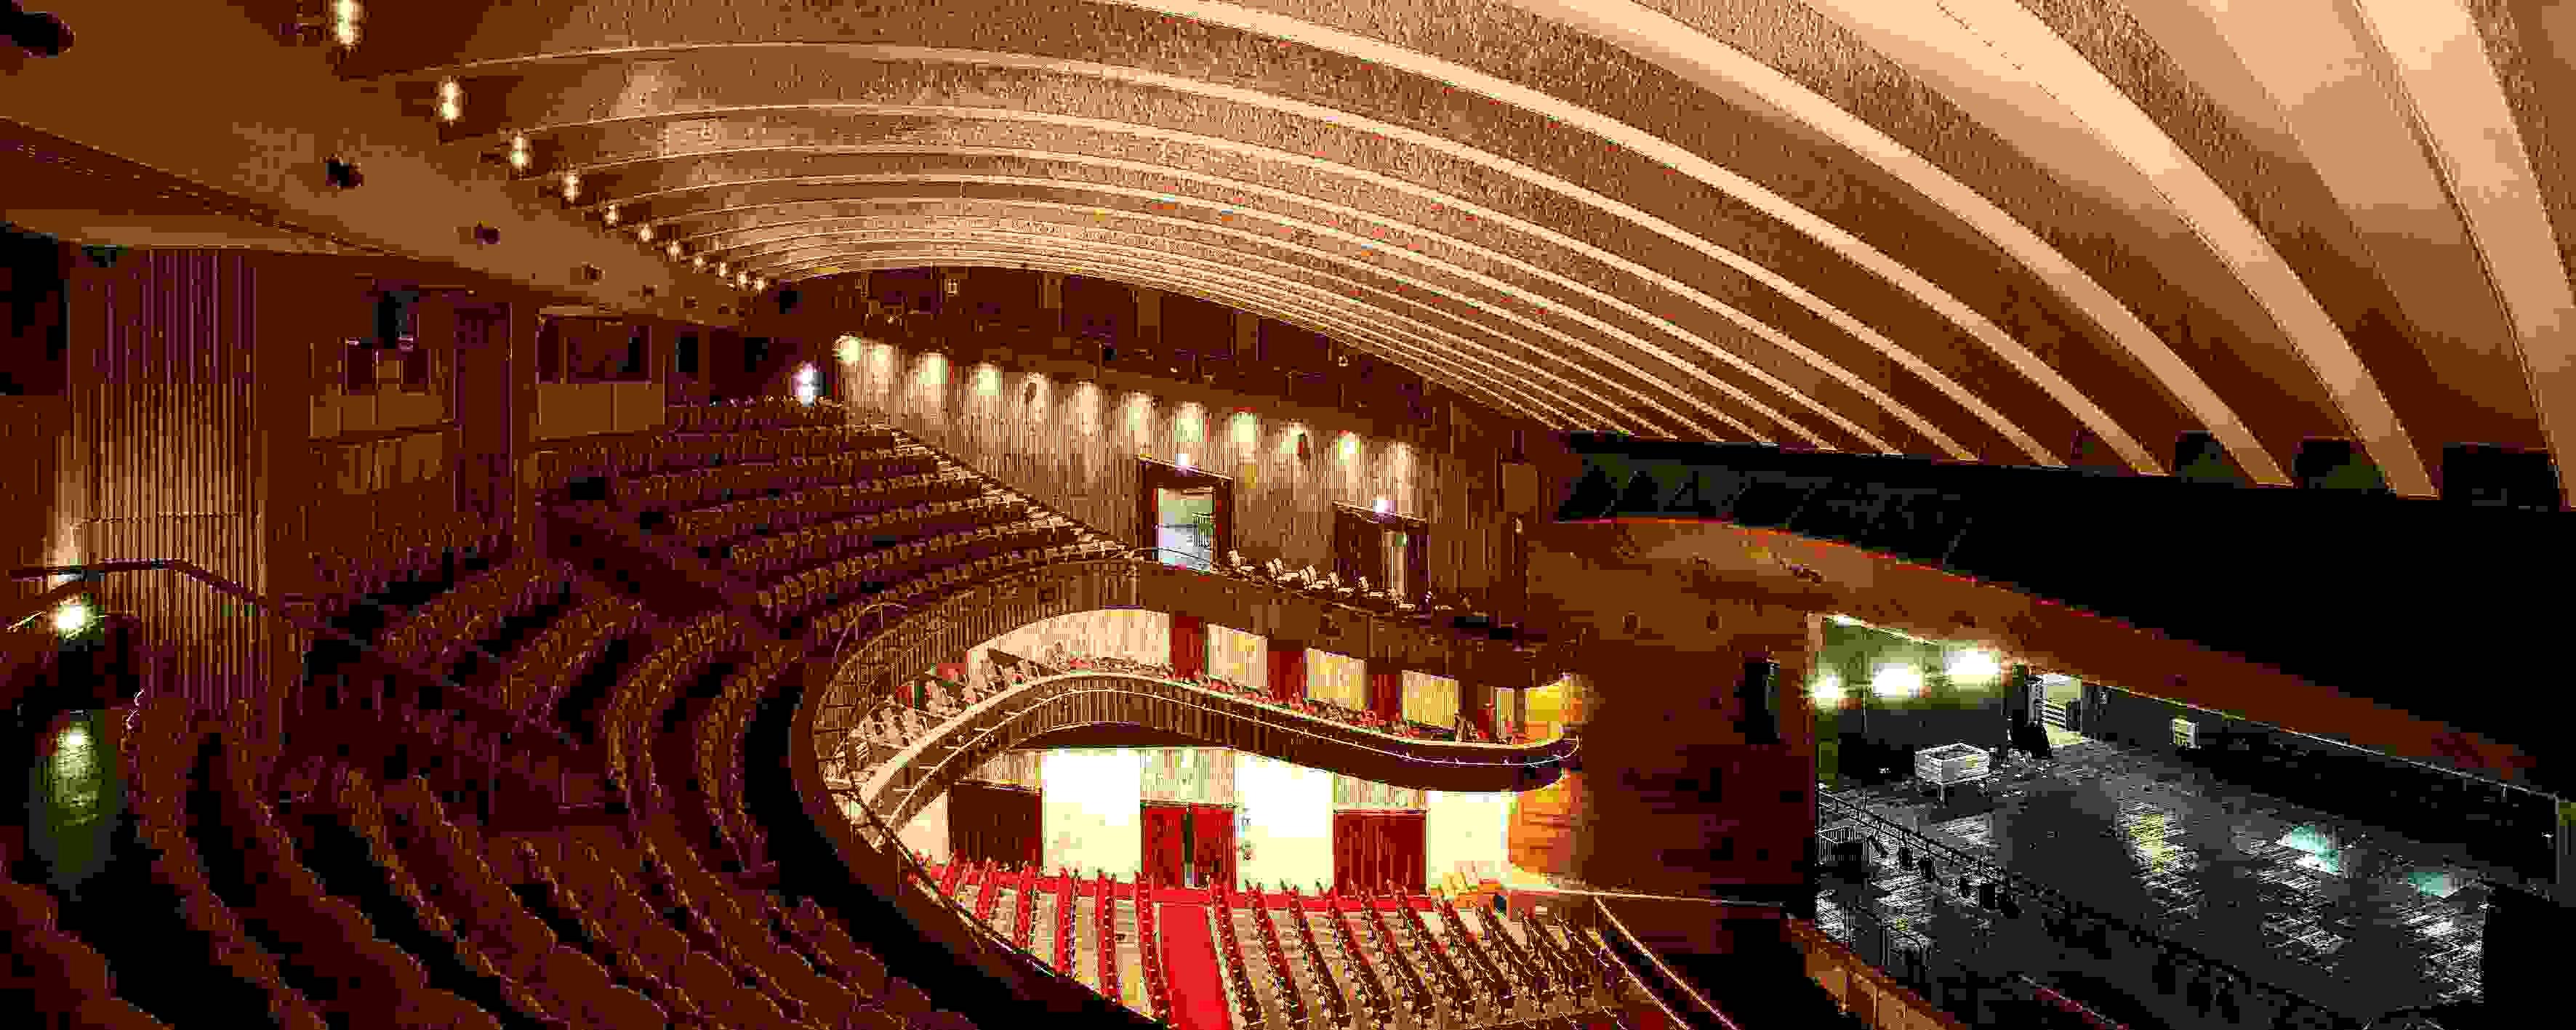 Teatro de la laboral laboral ciudad de la cultura for Teatro de la laboral